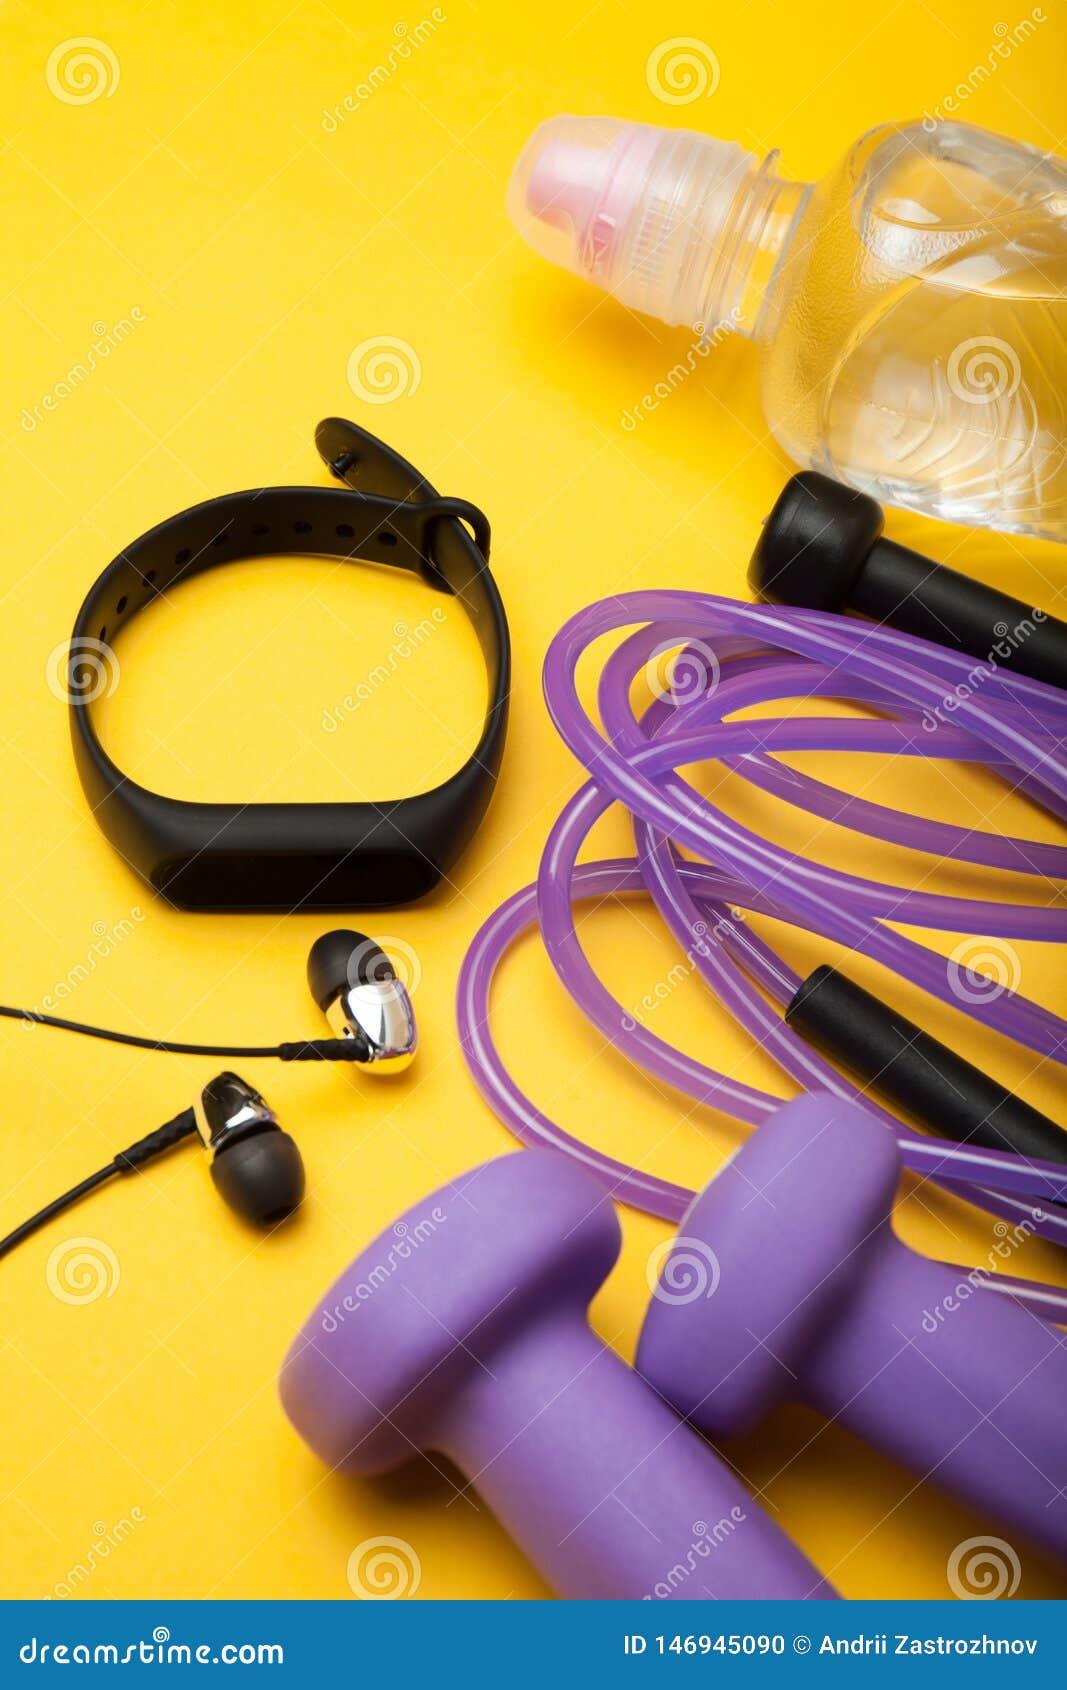 Sportausr?stung Dummköpfe, Springseil, Eignungsarmband, Wasser und Kopfhörer auf einem gelben Hintergrund